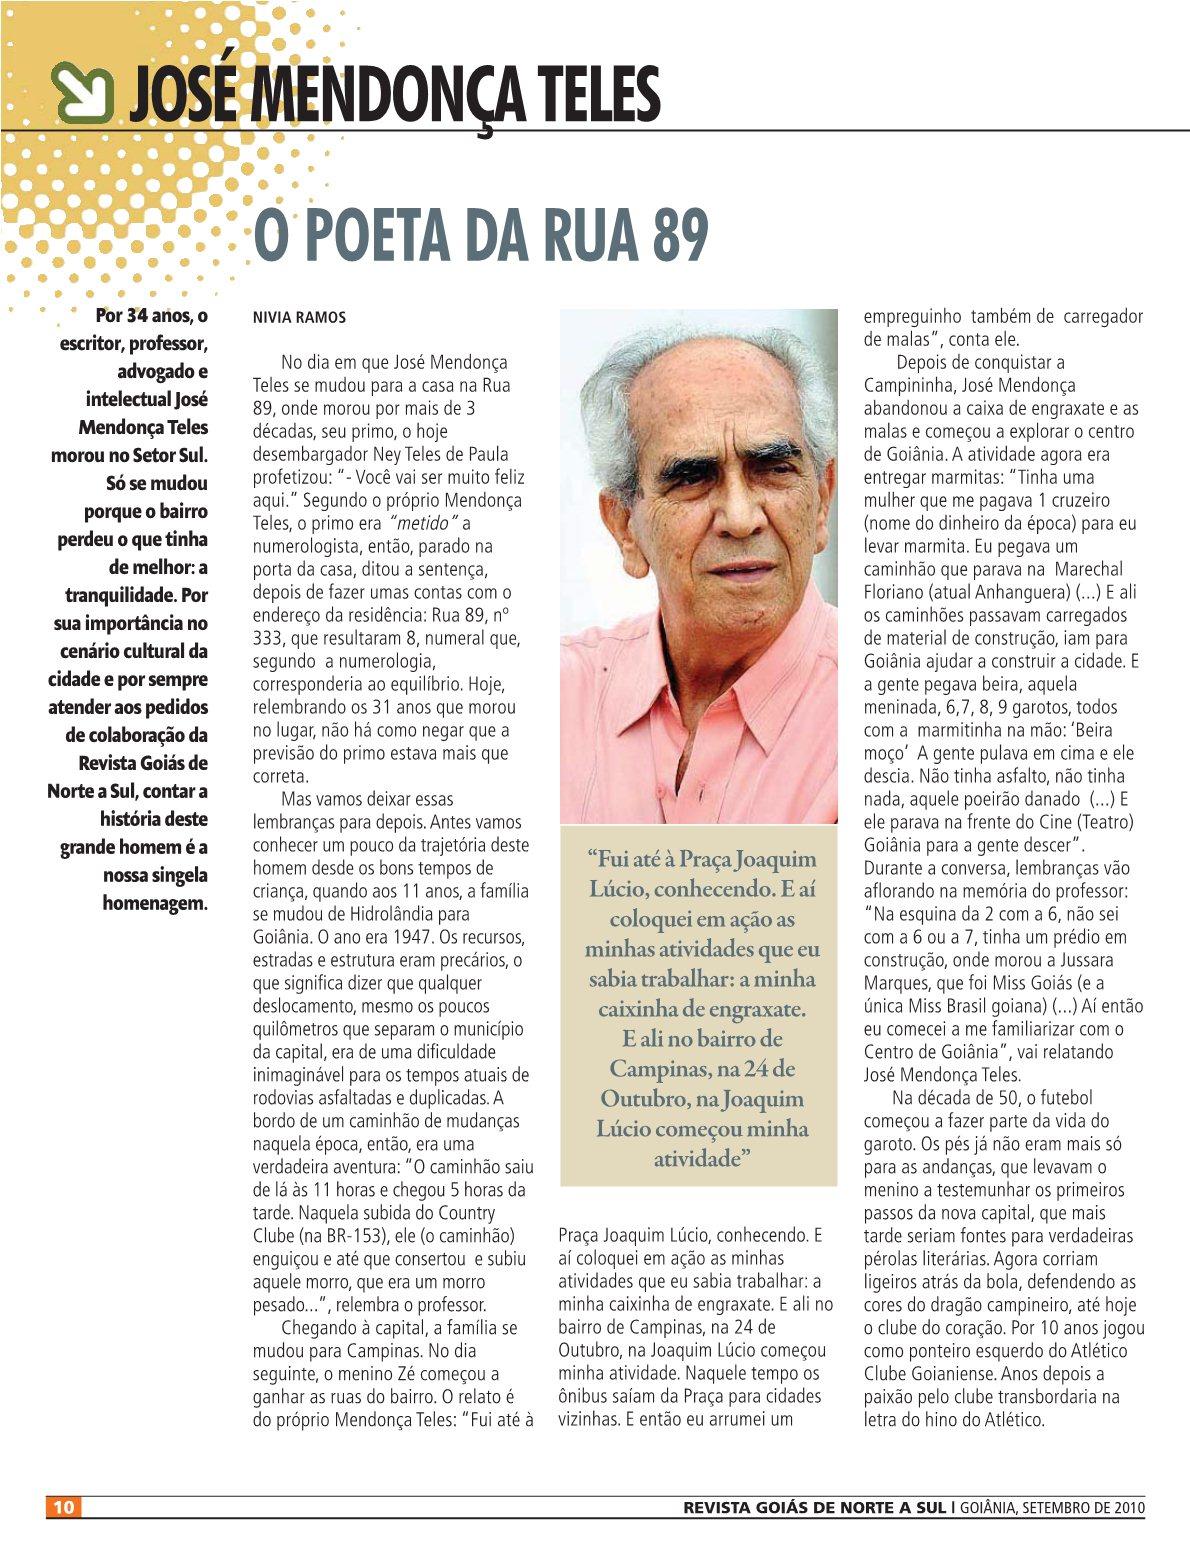 7e441b4451 Index of  2012 img revistas 5 images